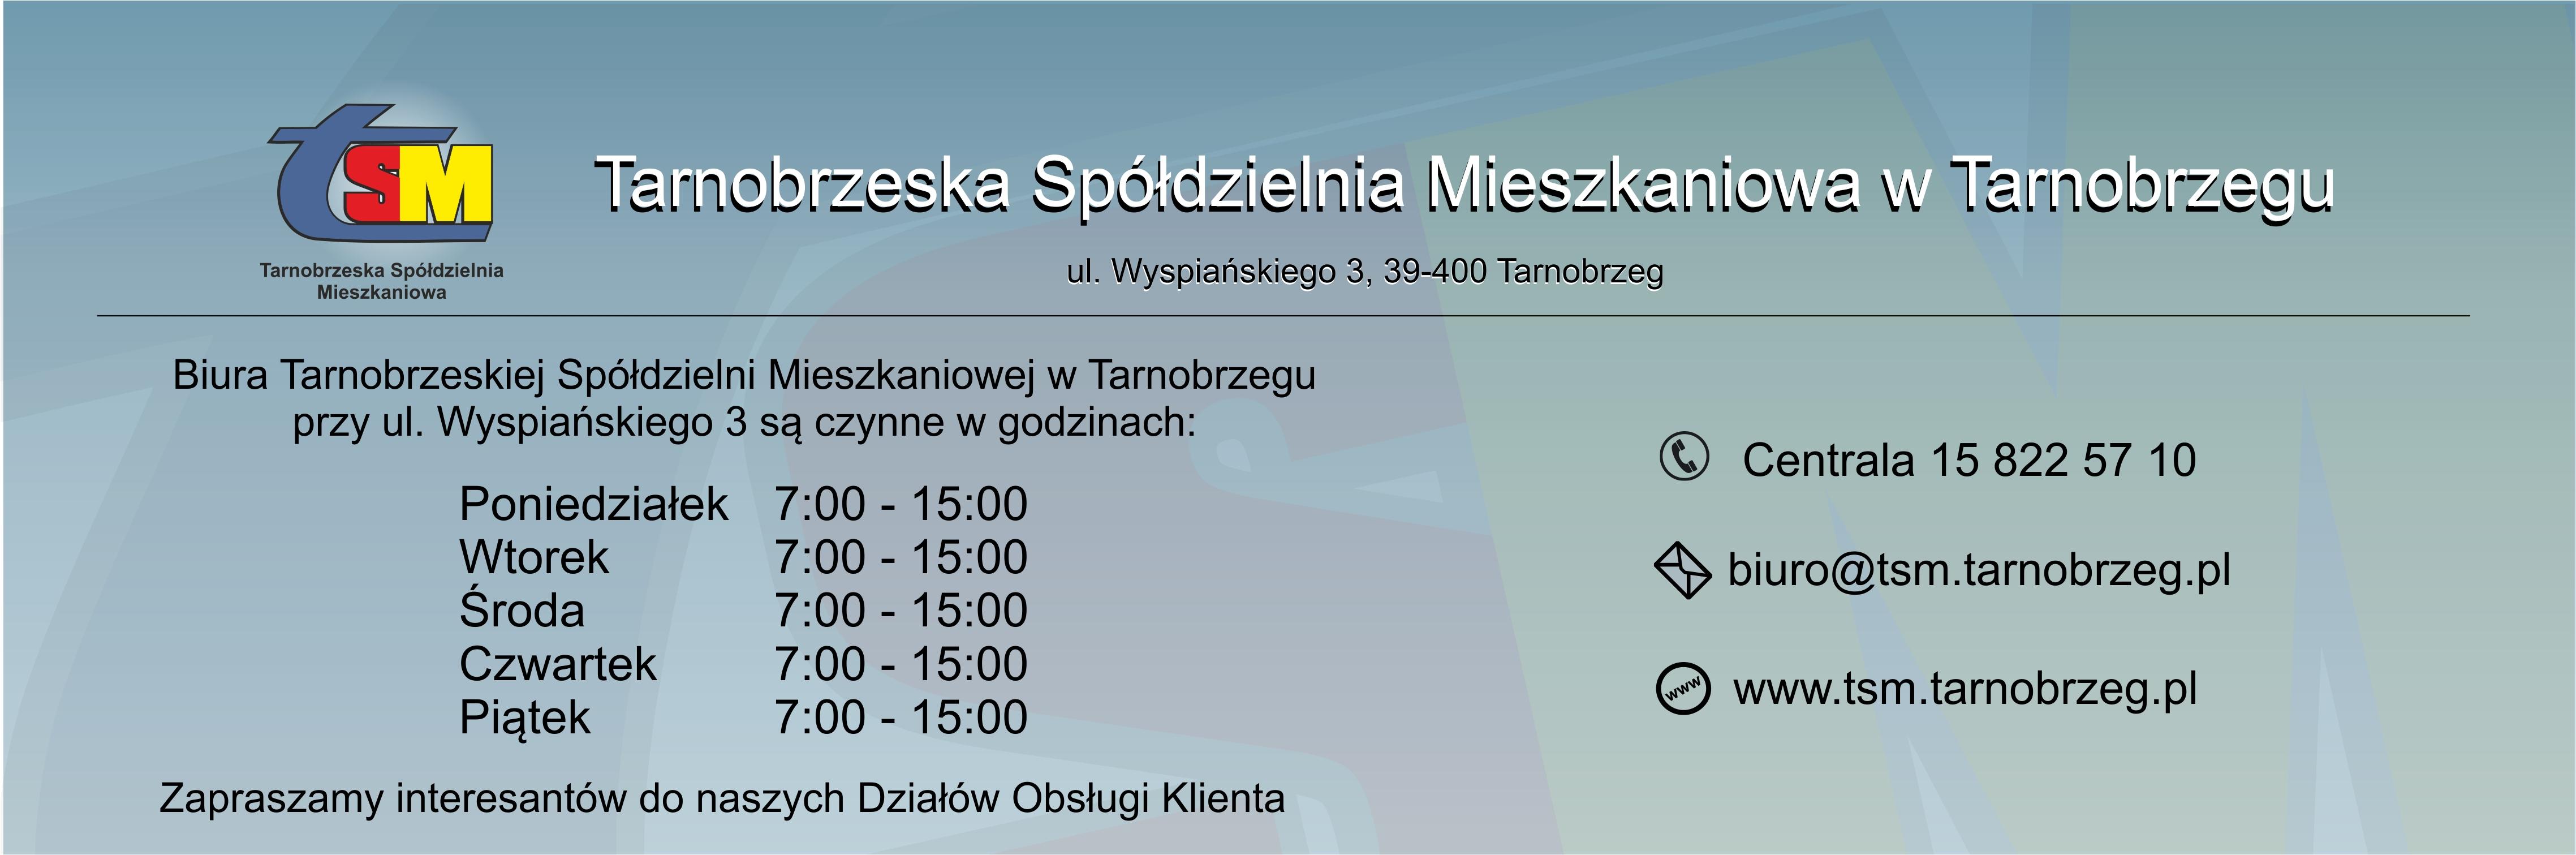 TSM reklama strona TVL